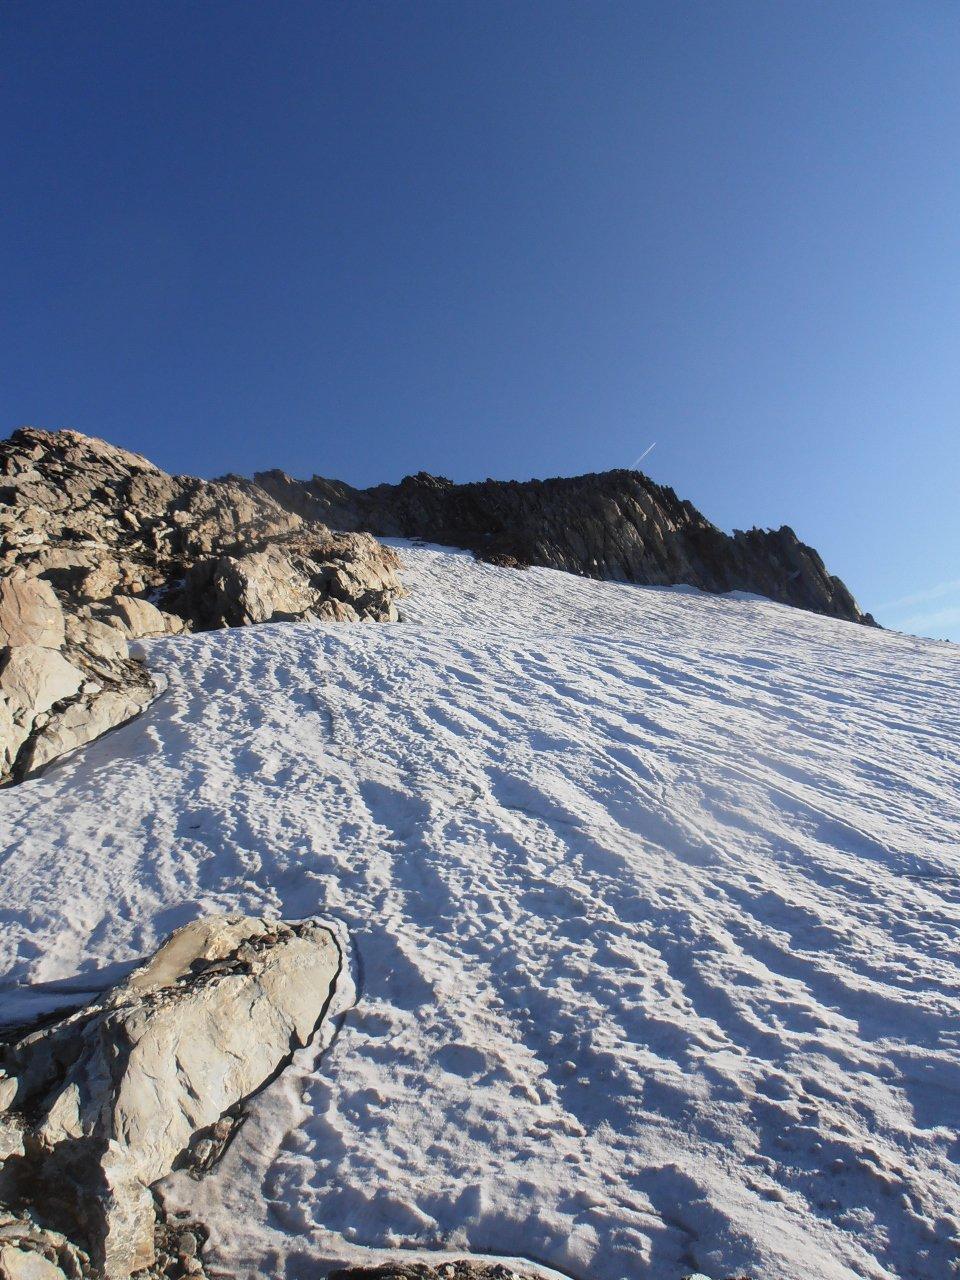 14 - partenza dello strappo finale per la cima, sui 30 gradi